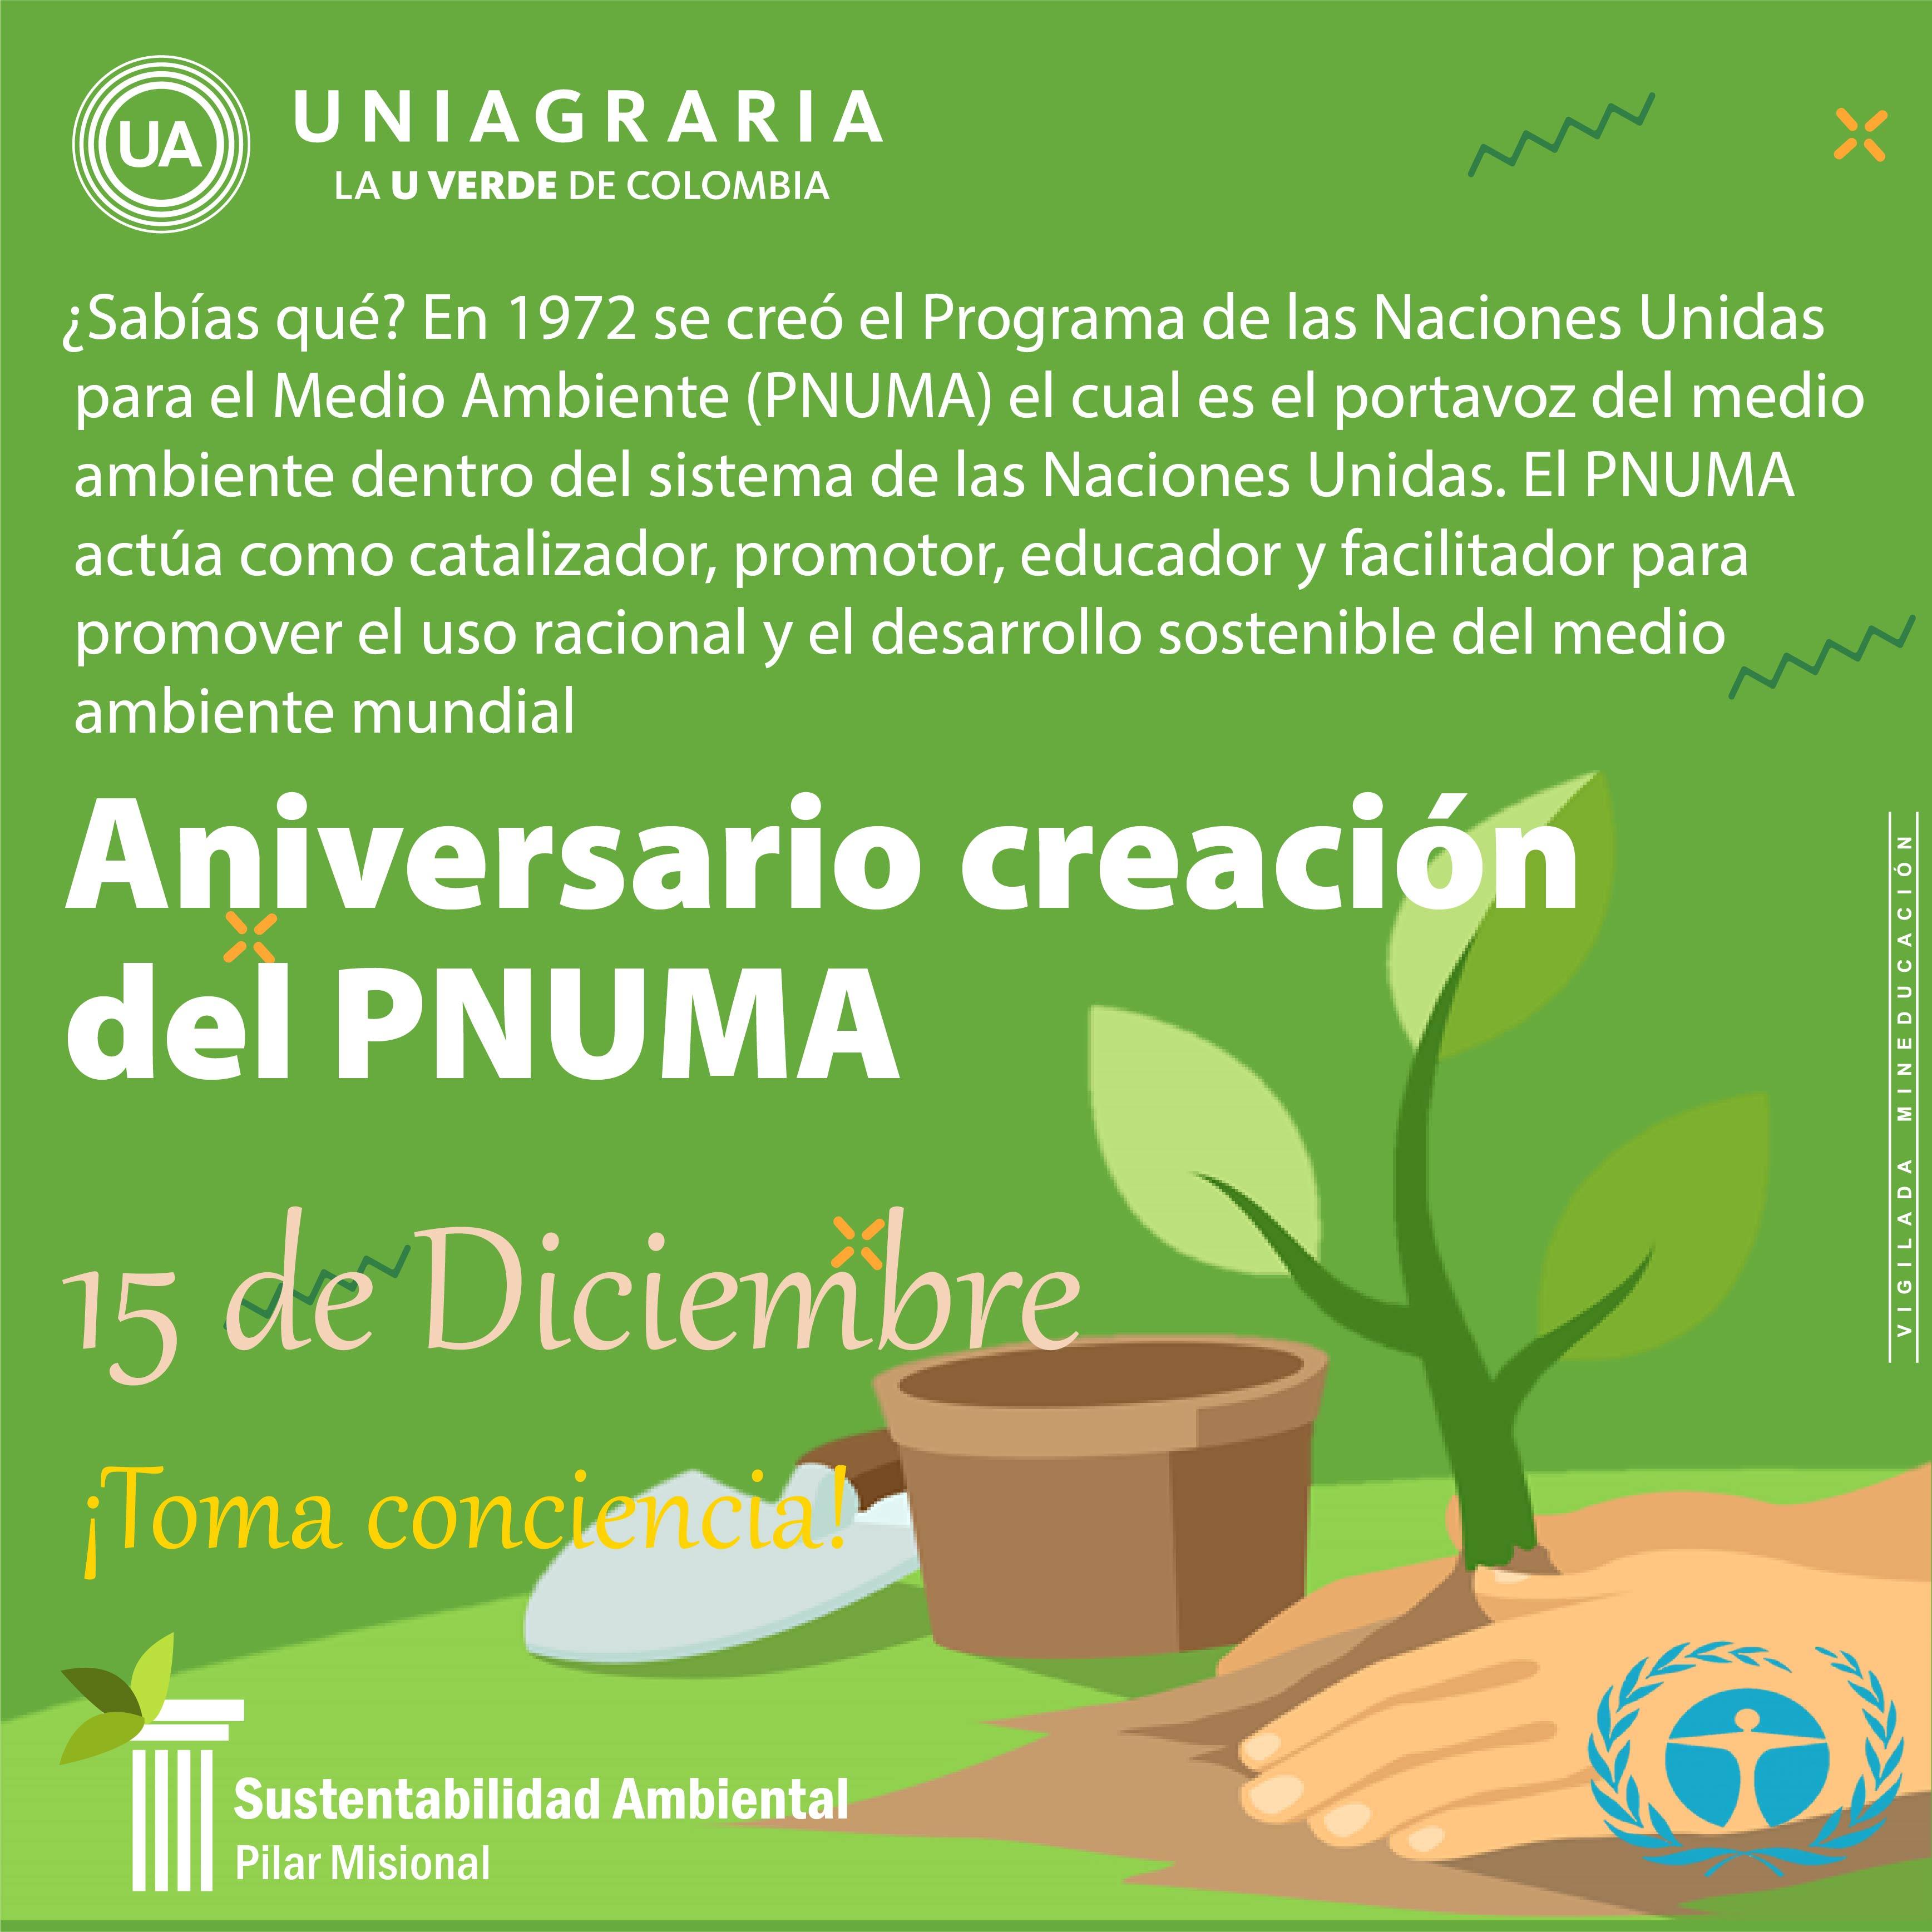 Aniversario creación del PNUMA